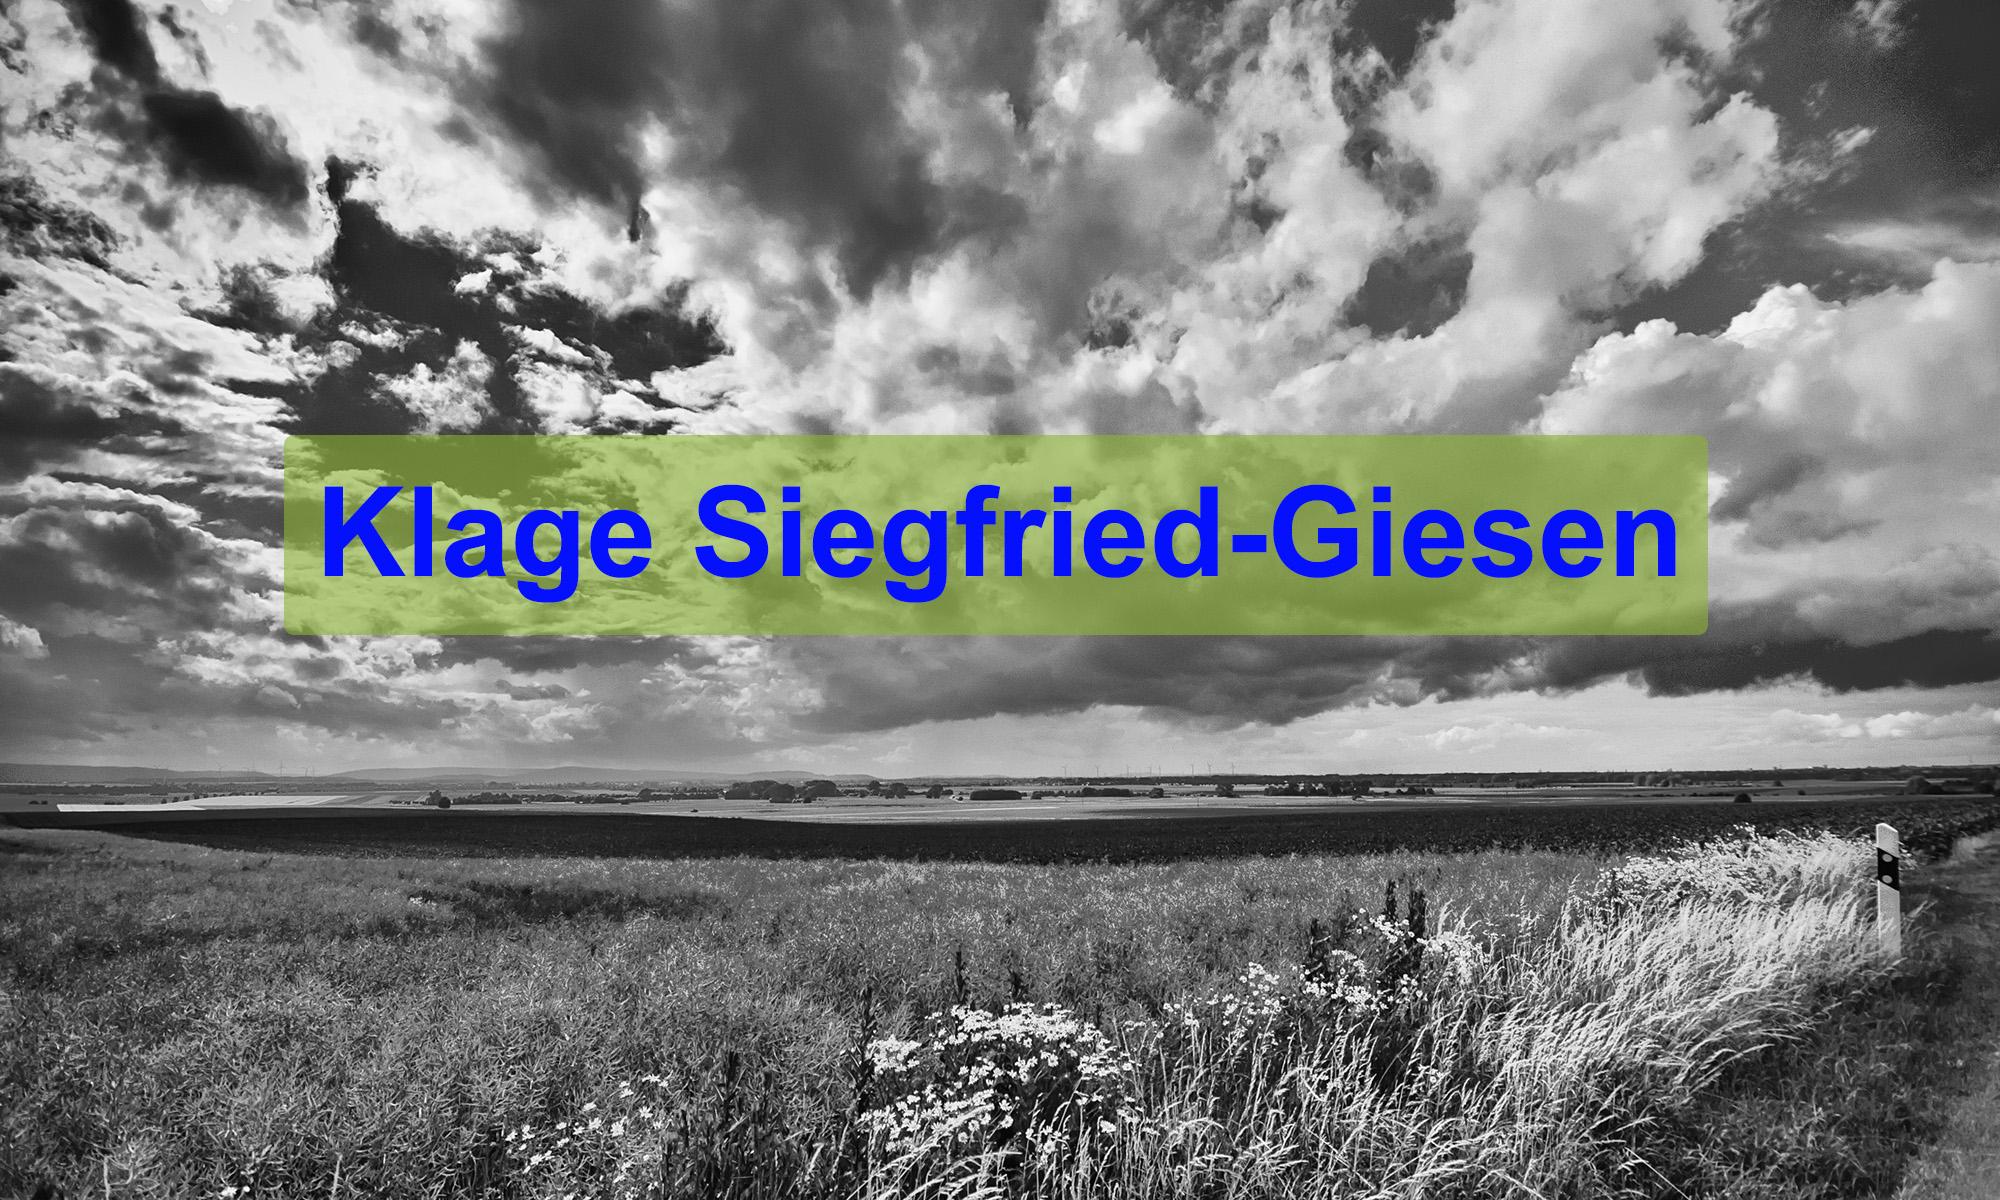 Klage Siegfried-Giesen